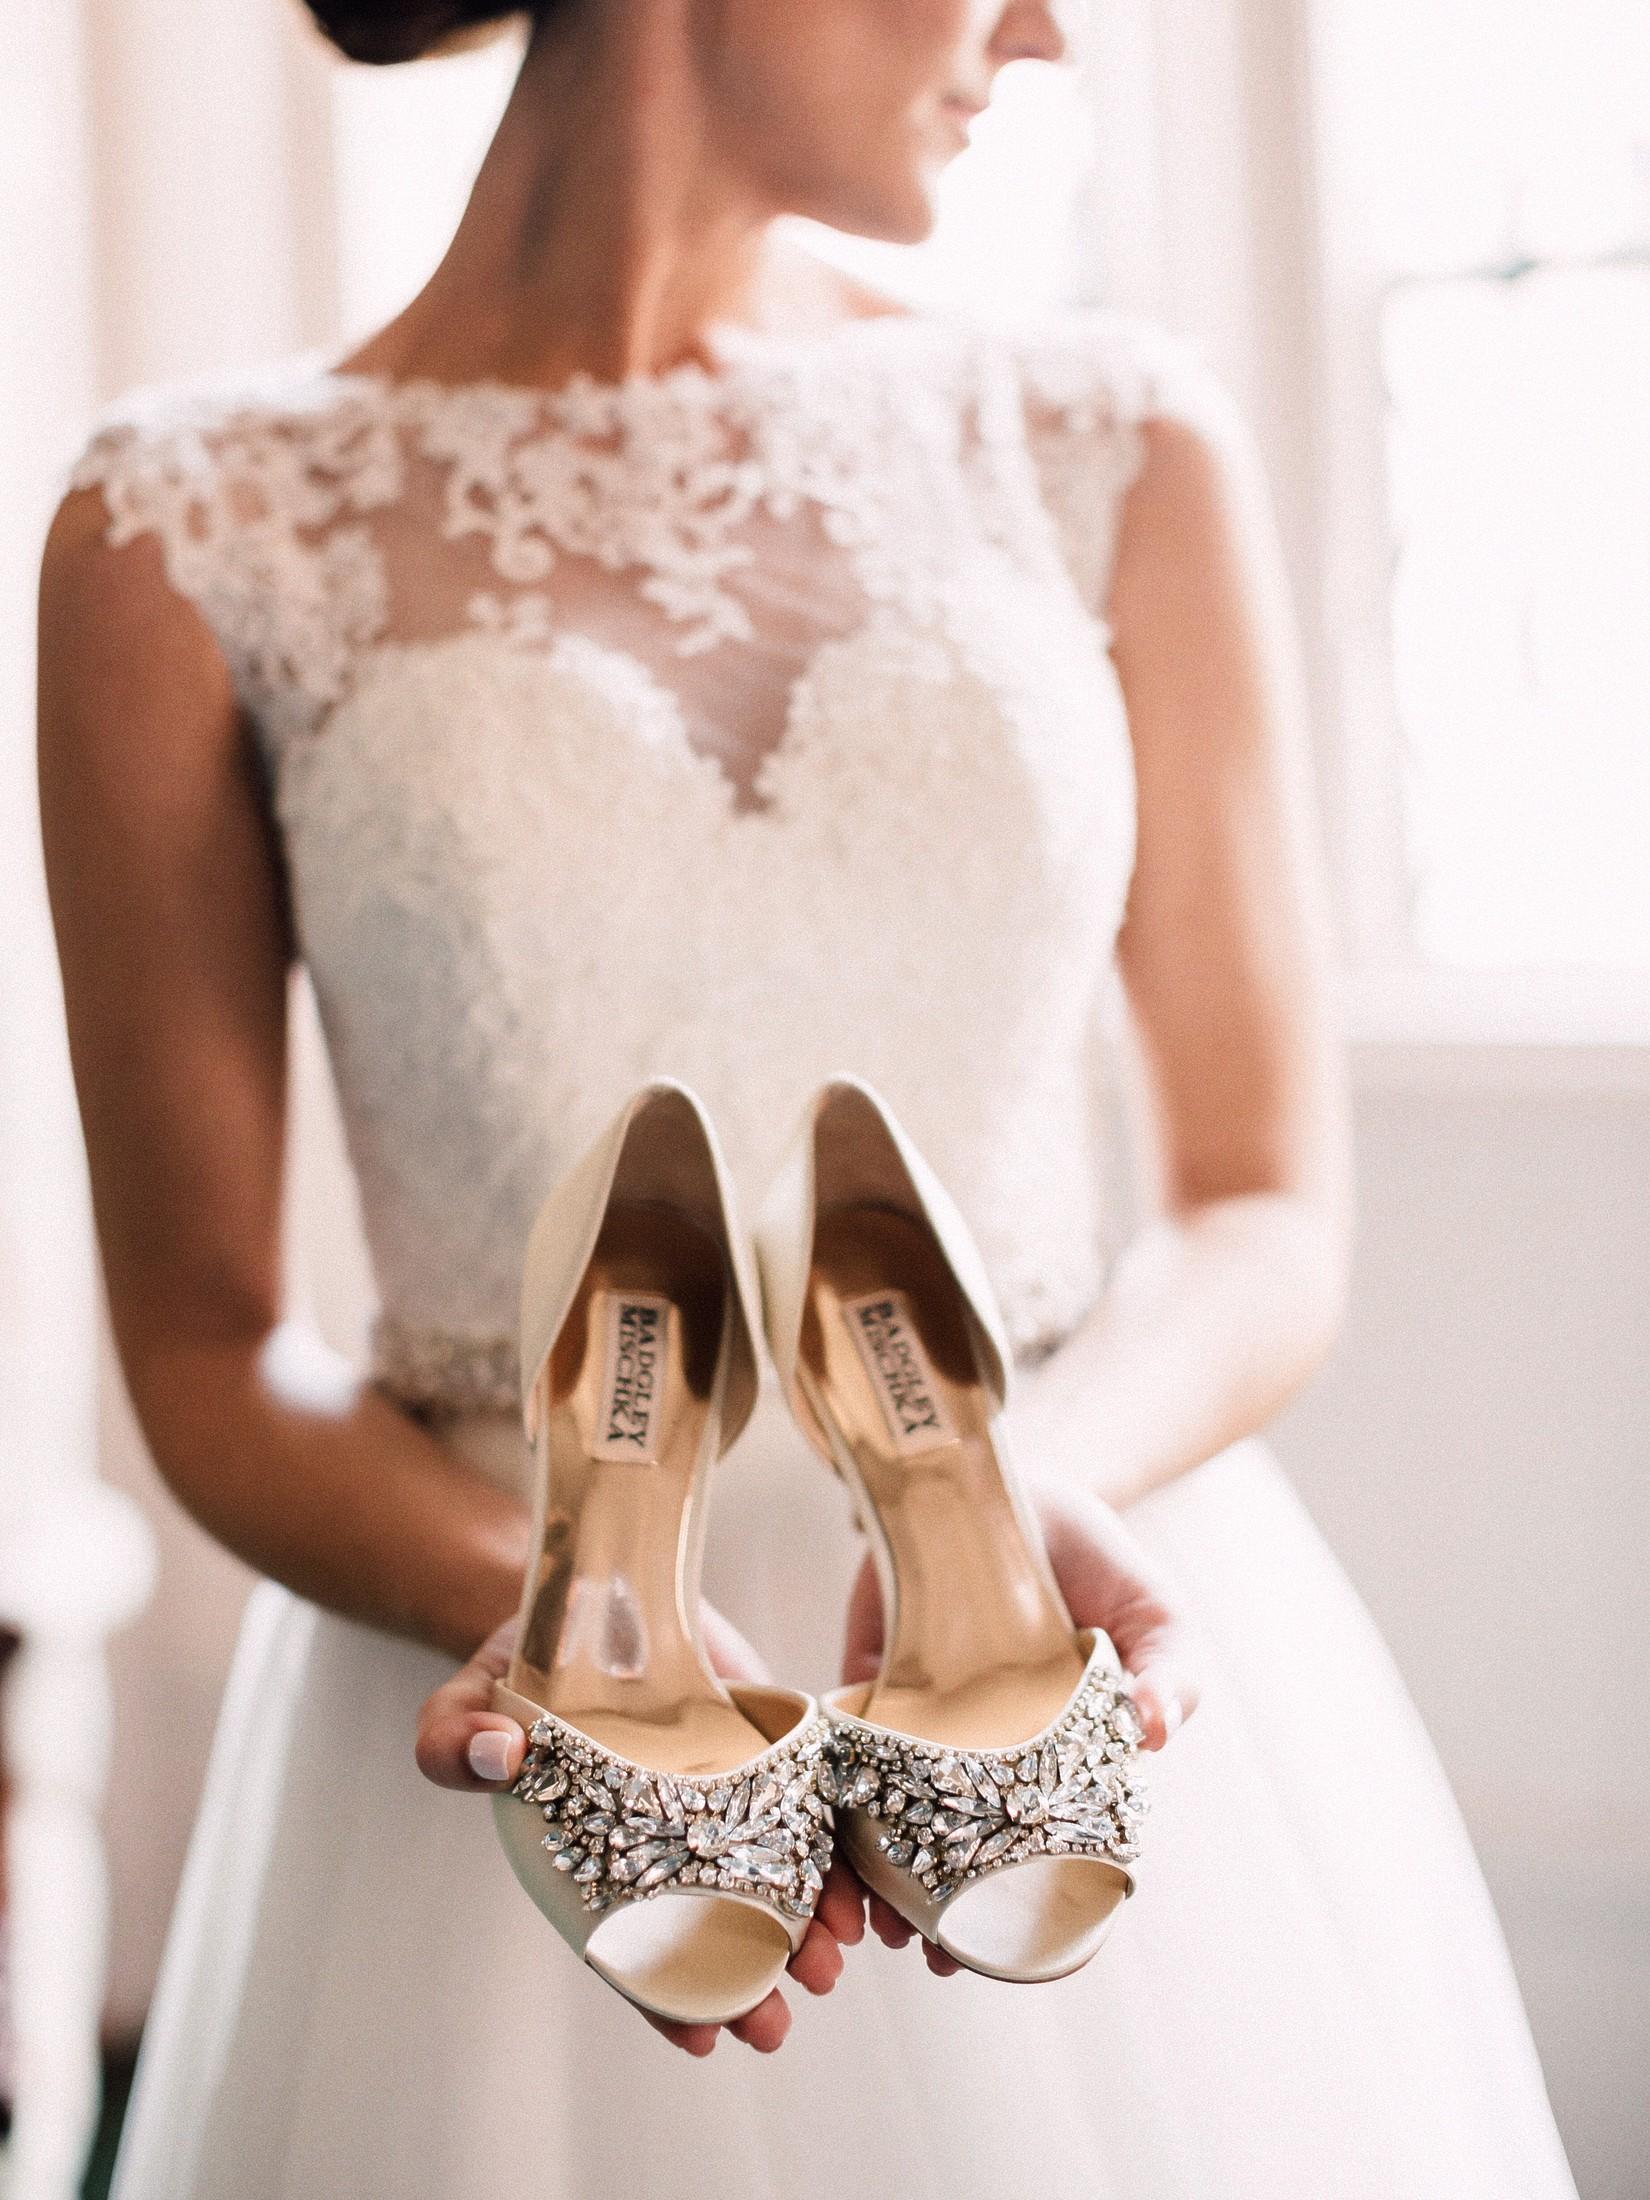 detroit_wedding_blaine_siesser_0007_std.jpg